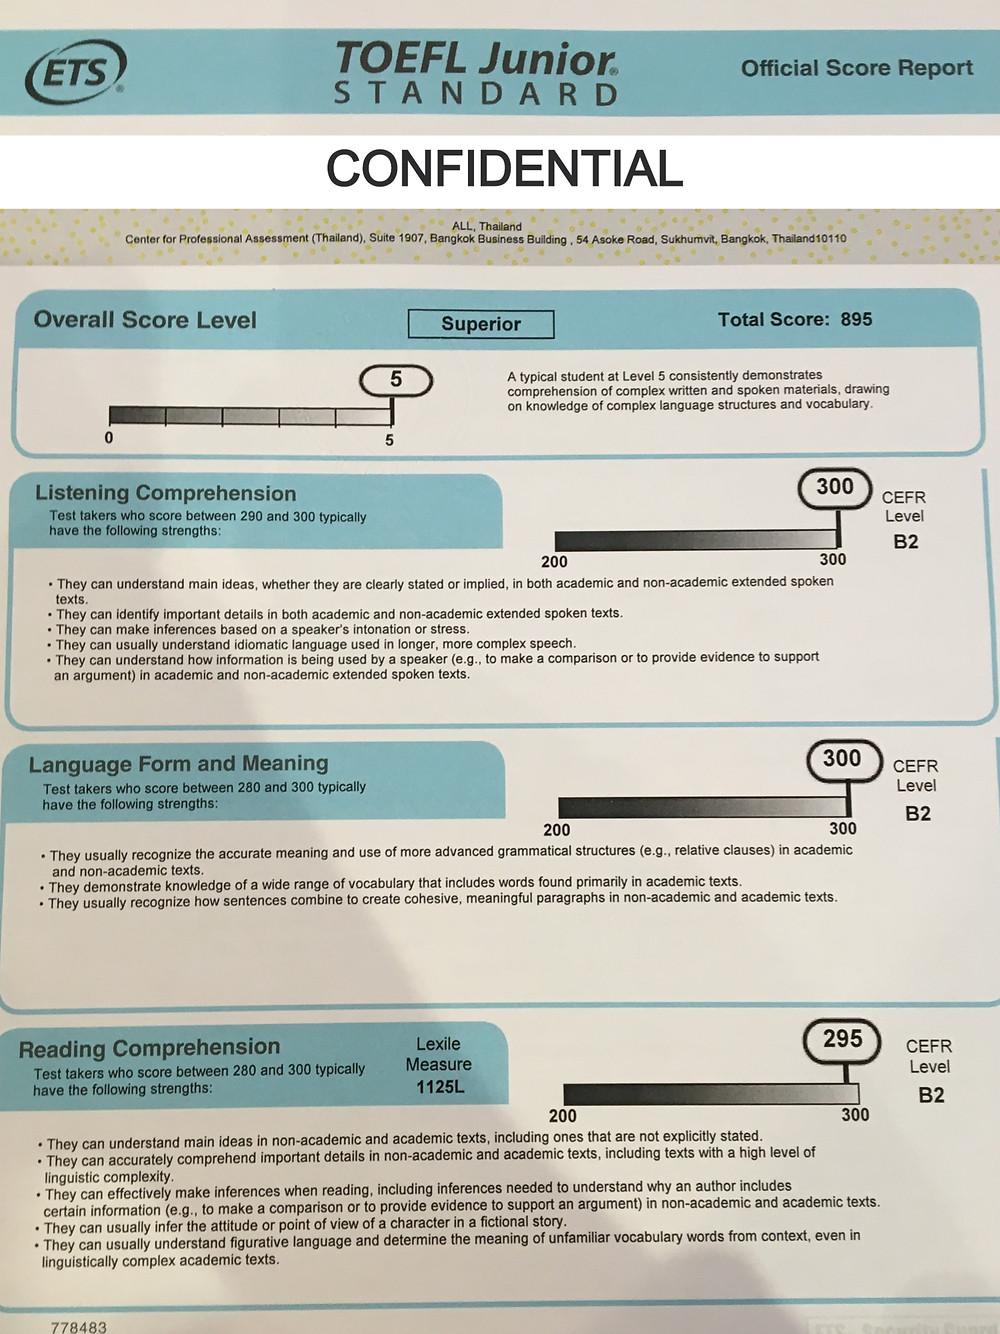 ตัวอย่างผลสอบ TOEFL Junior